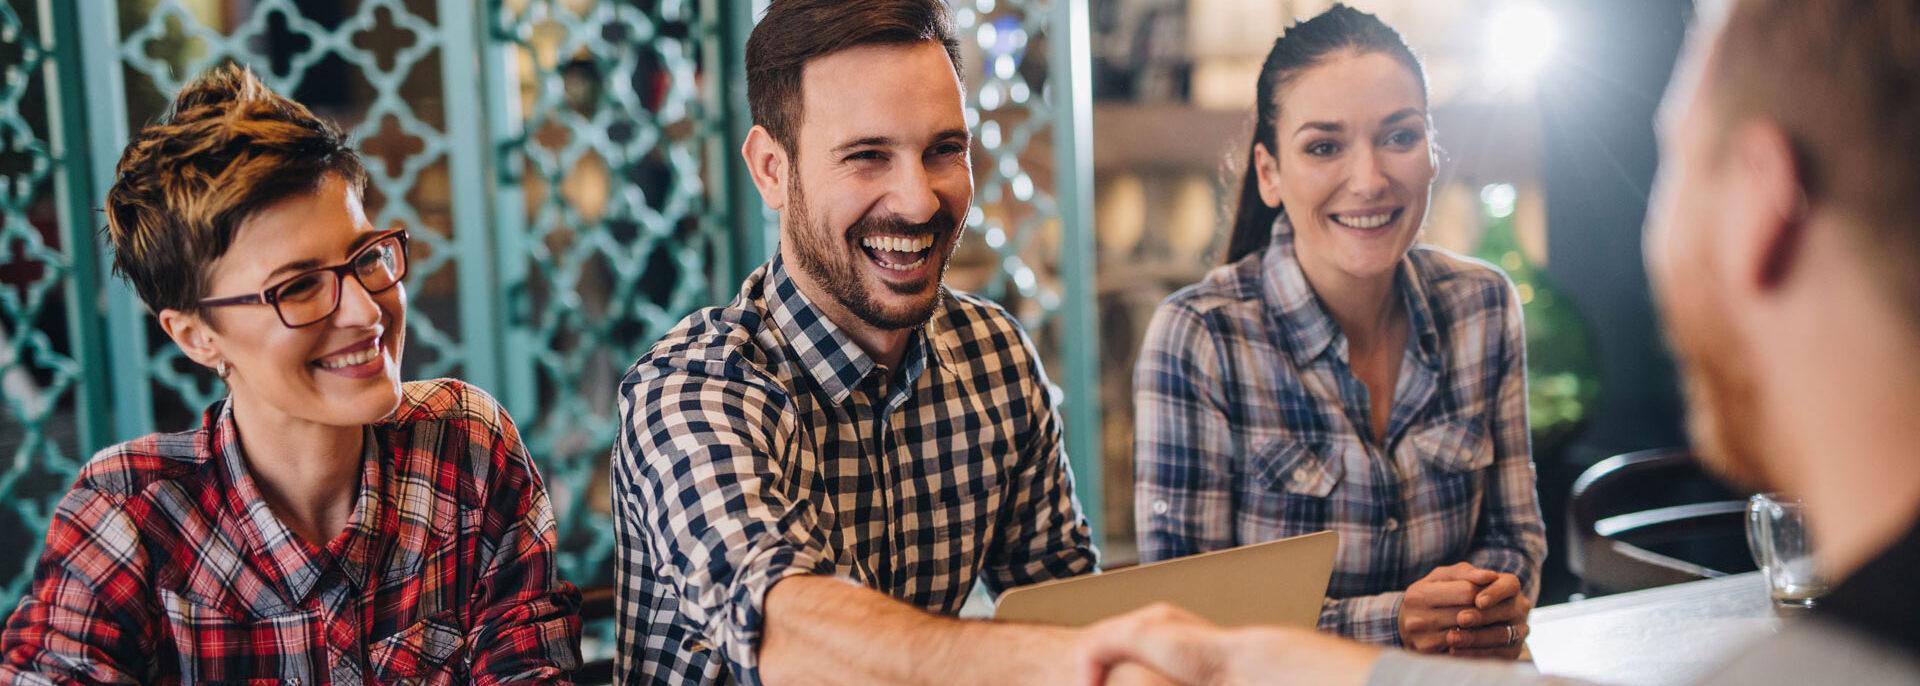 recrutement entreprise - Corporate Emploi Connexion - company recruitment